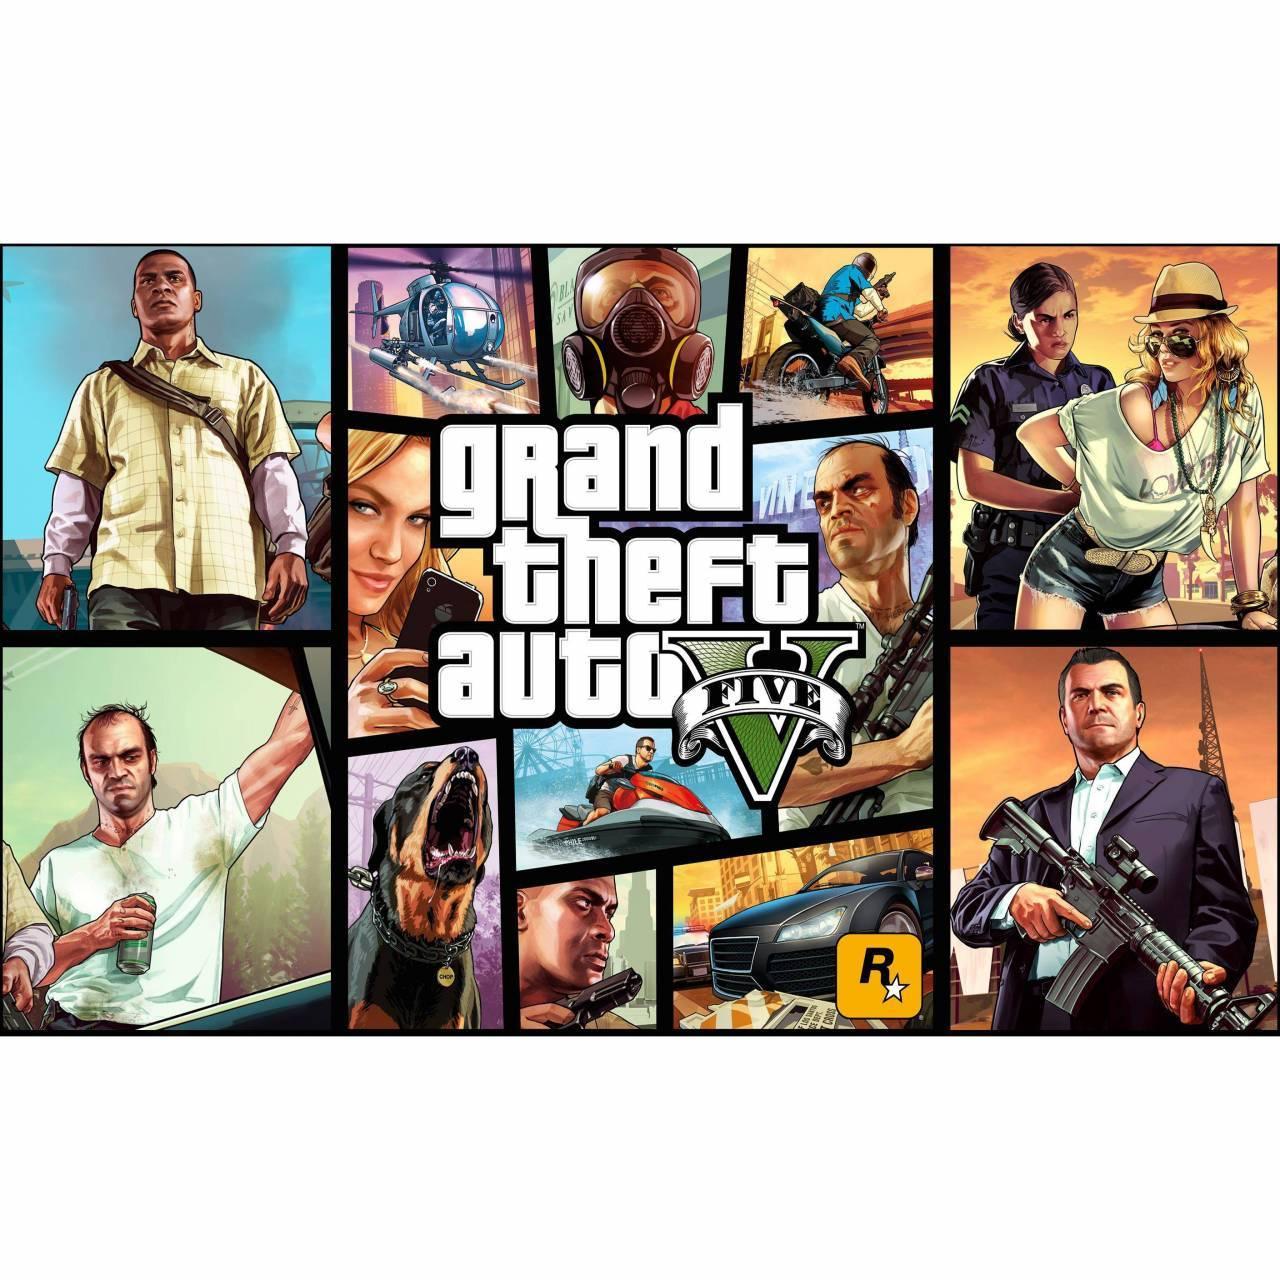 Grand Theft Auto (игра)